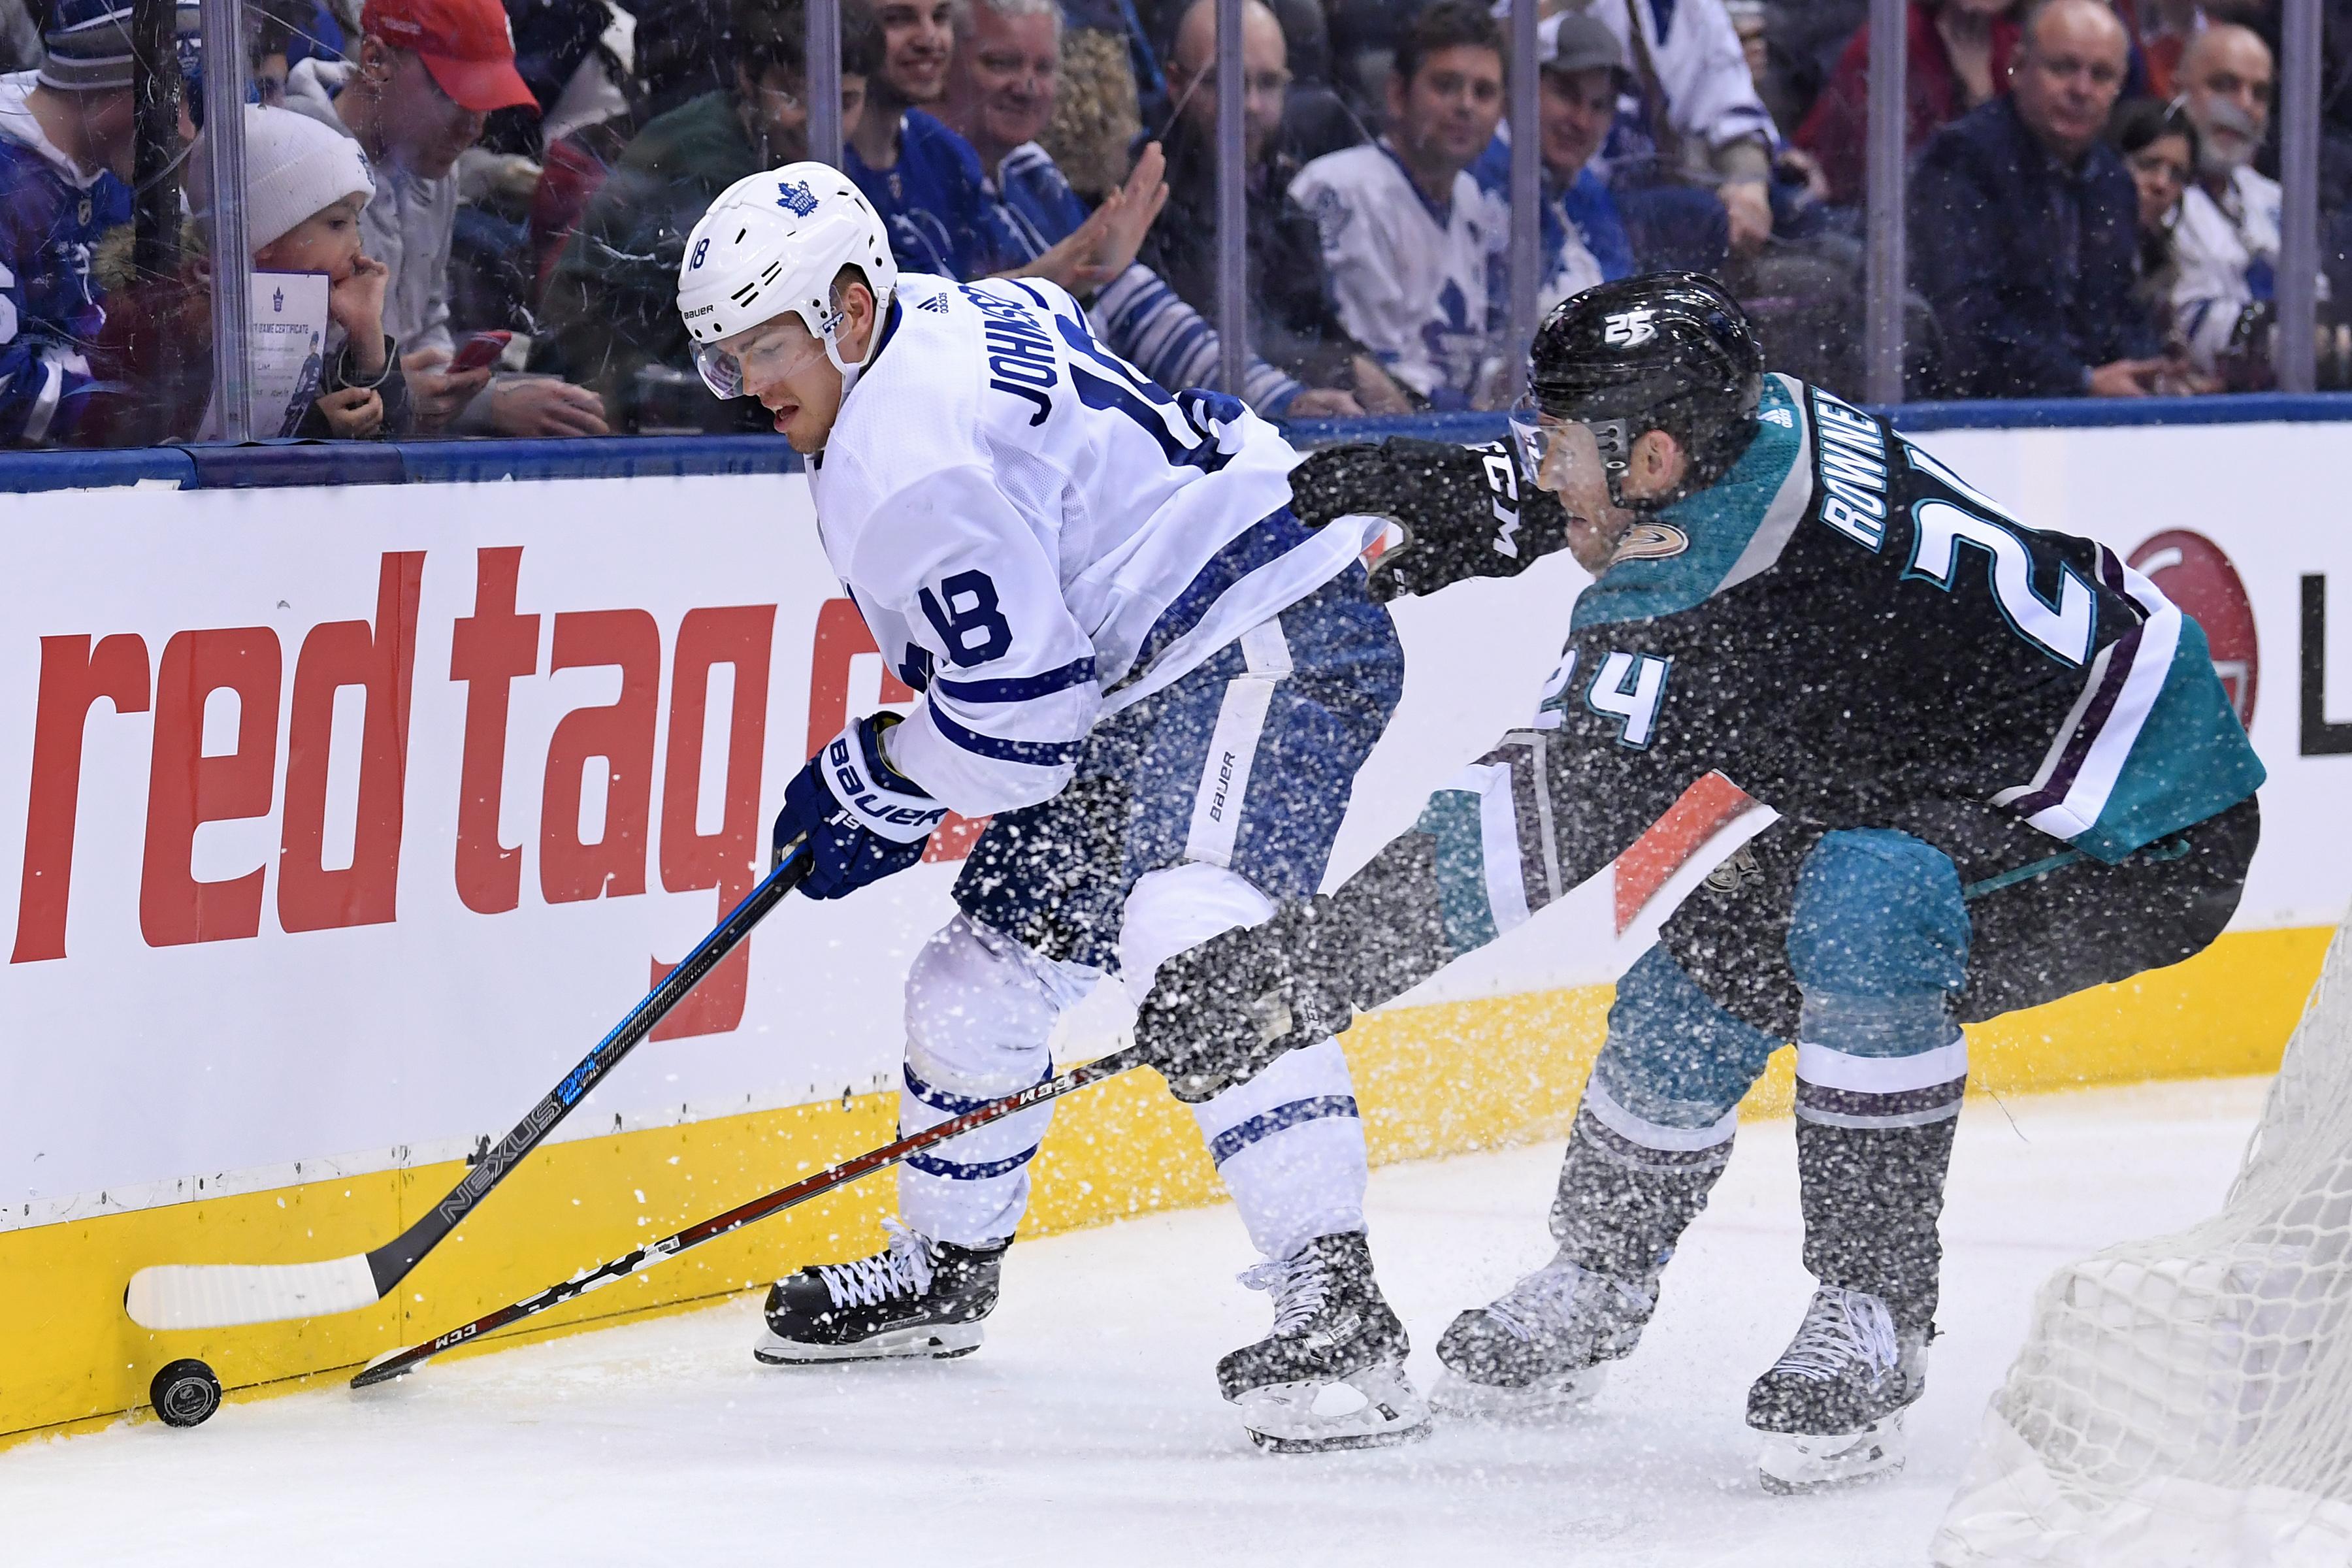 NHL: FEB 04 Ducks at Maple Leafs